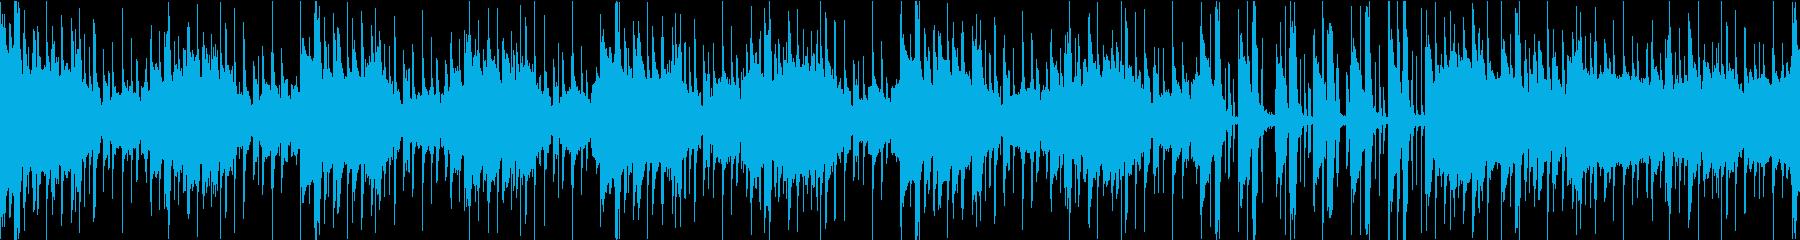 サスペンスなインスト(ループ)の再生済みの波形